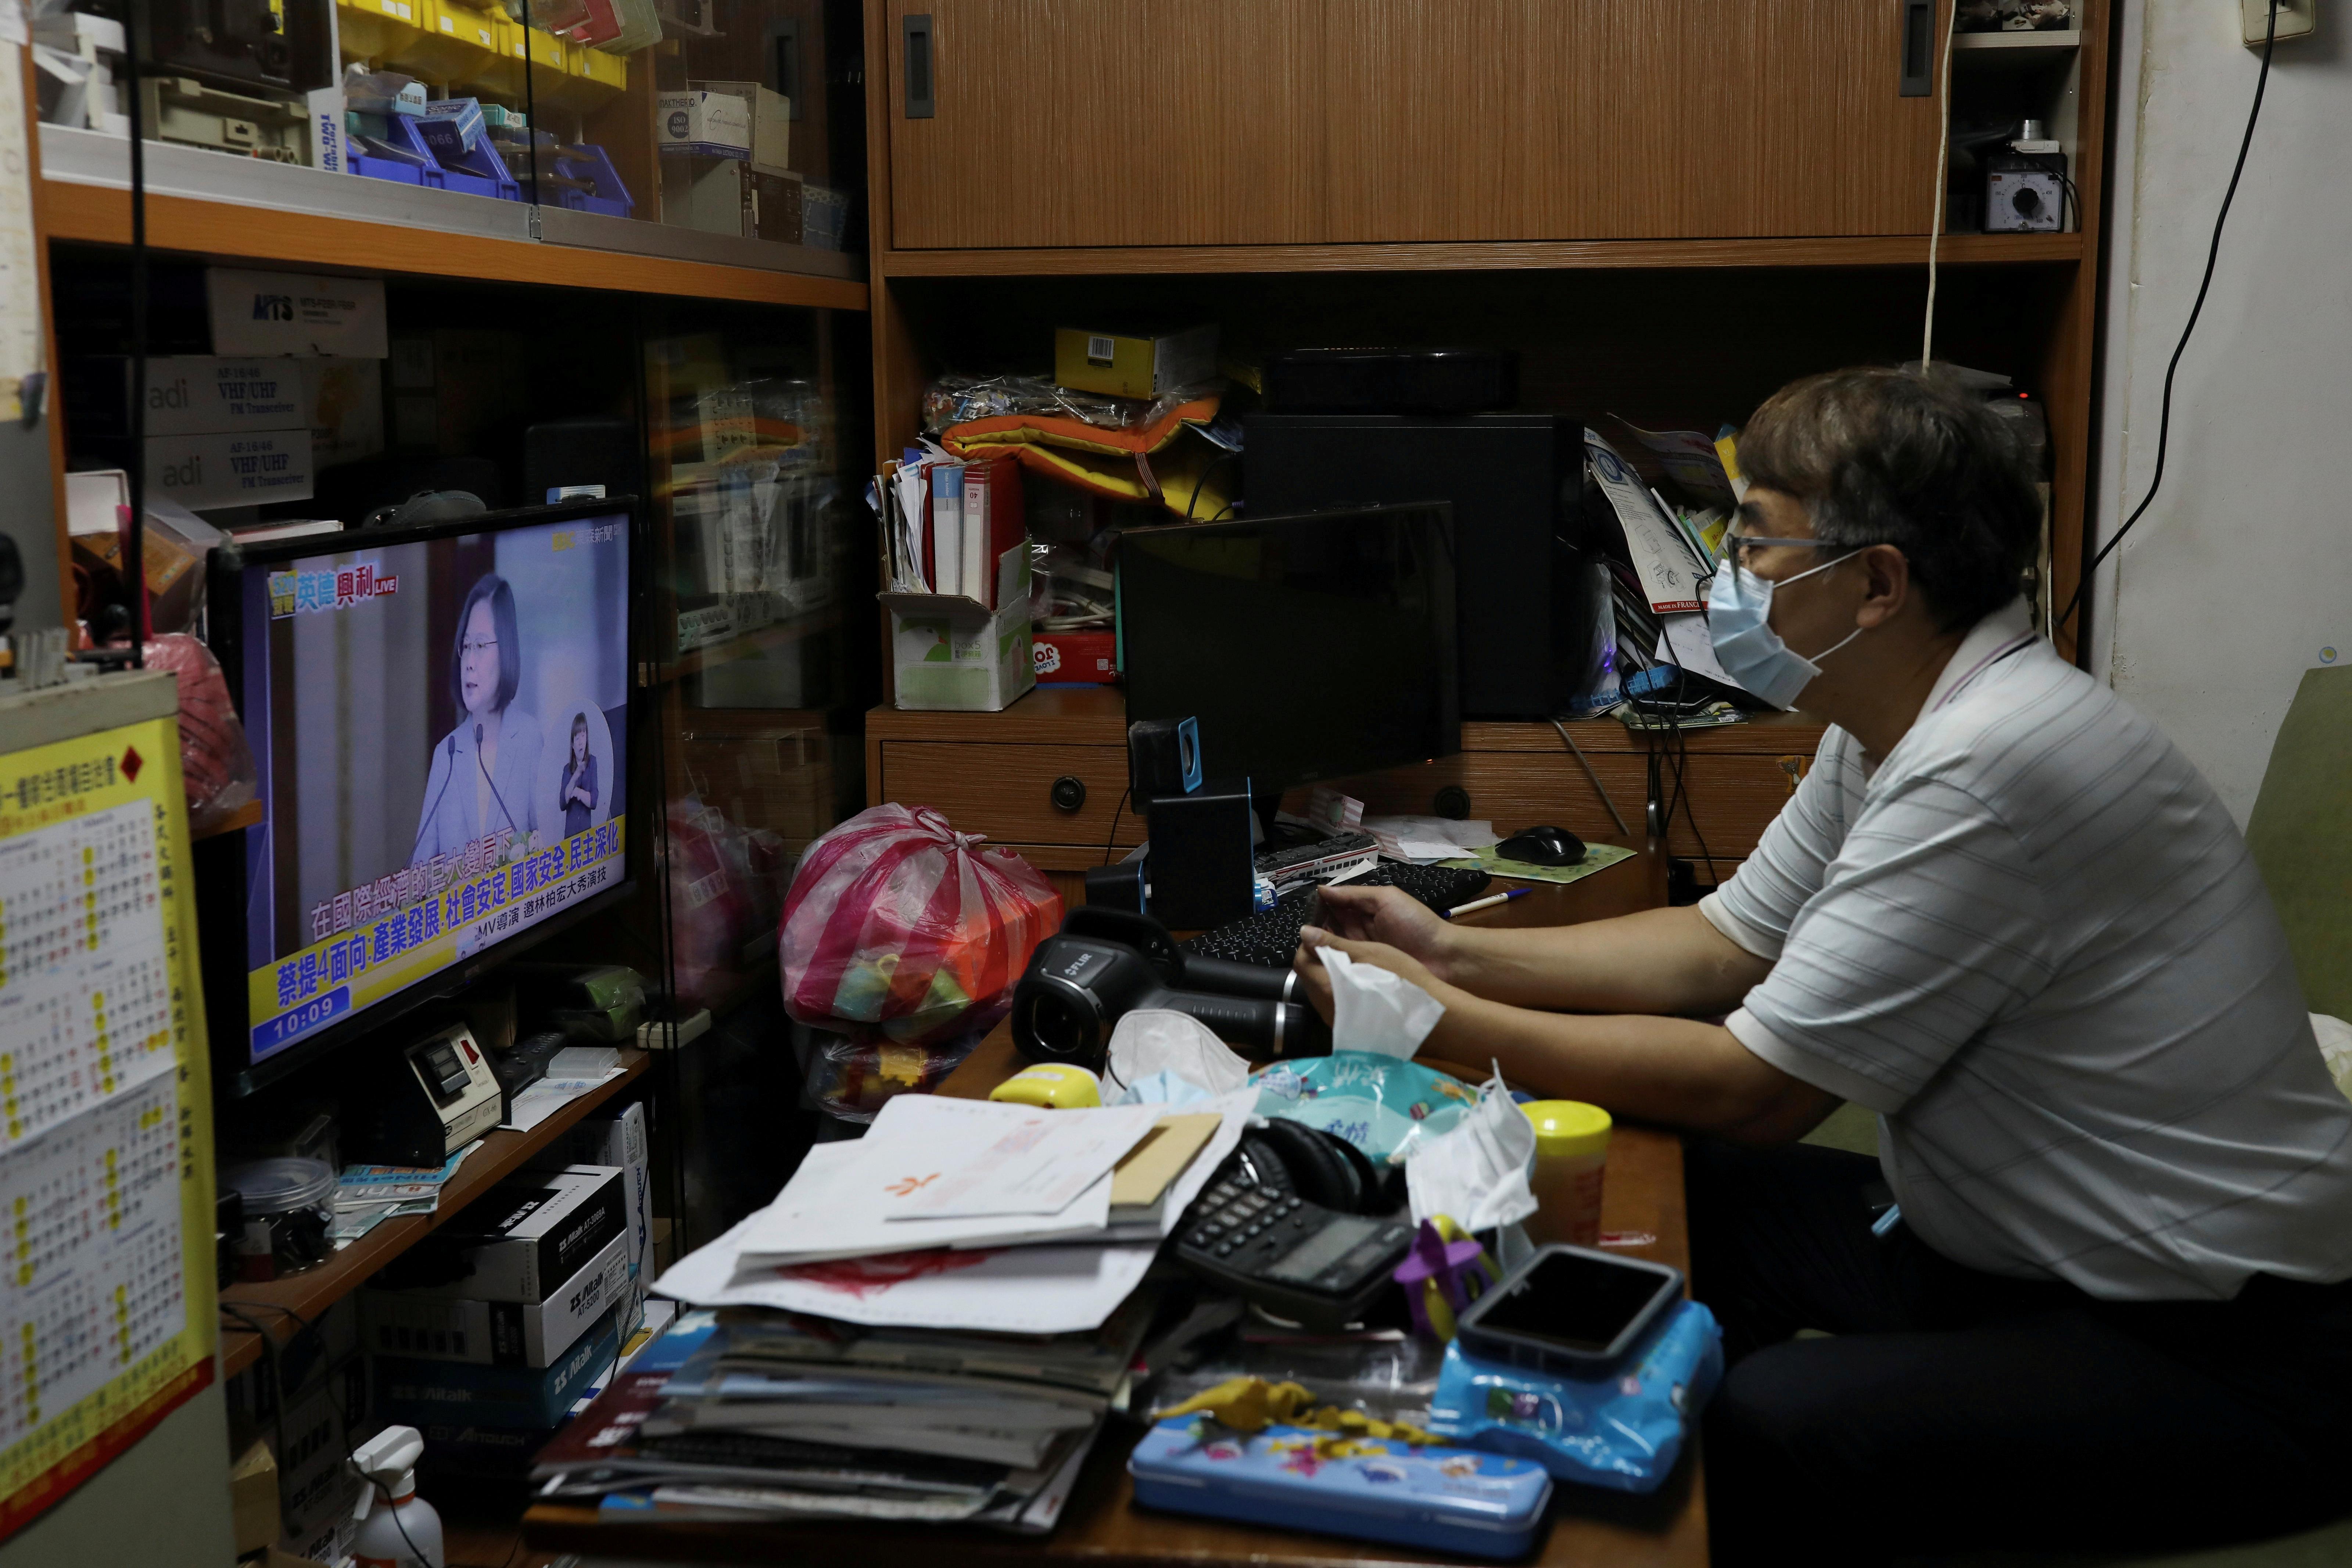 Le président de Taiwan rejette le régime chinois et appelle à des pourparlers pour coexister